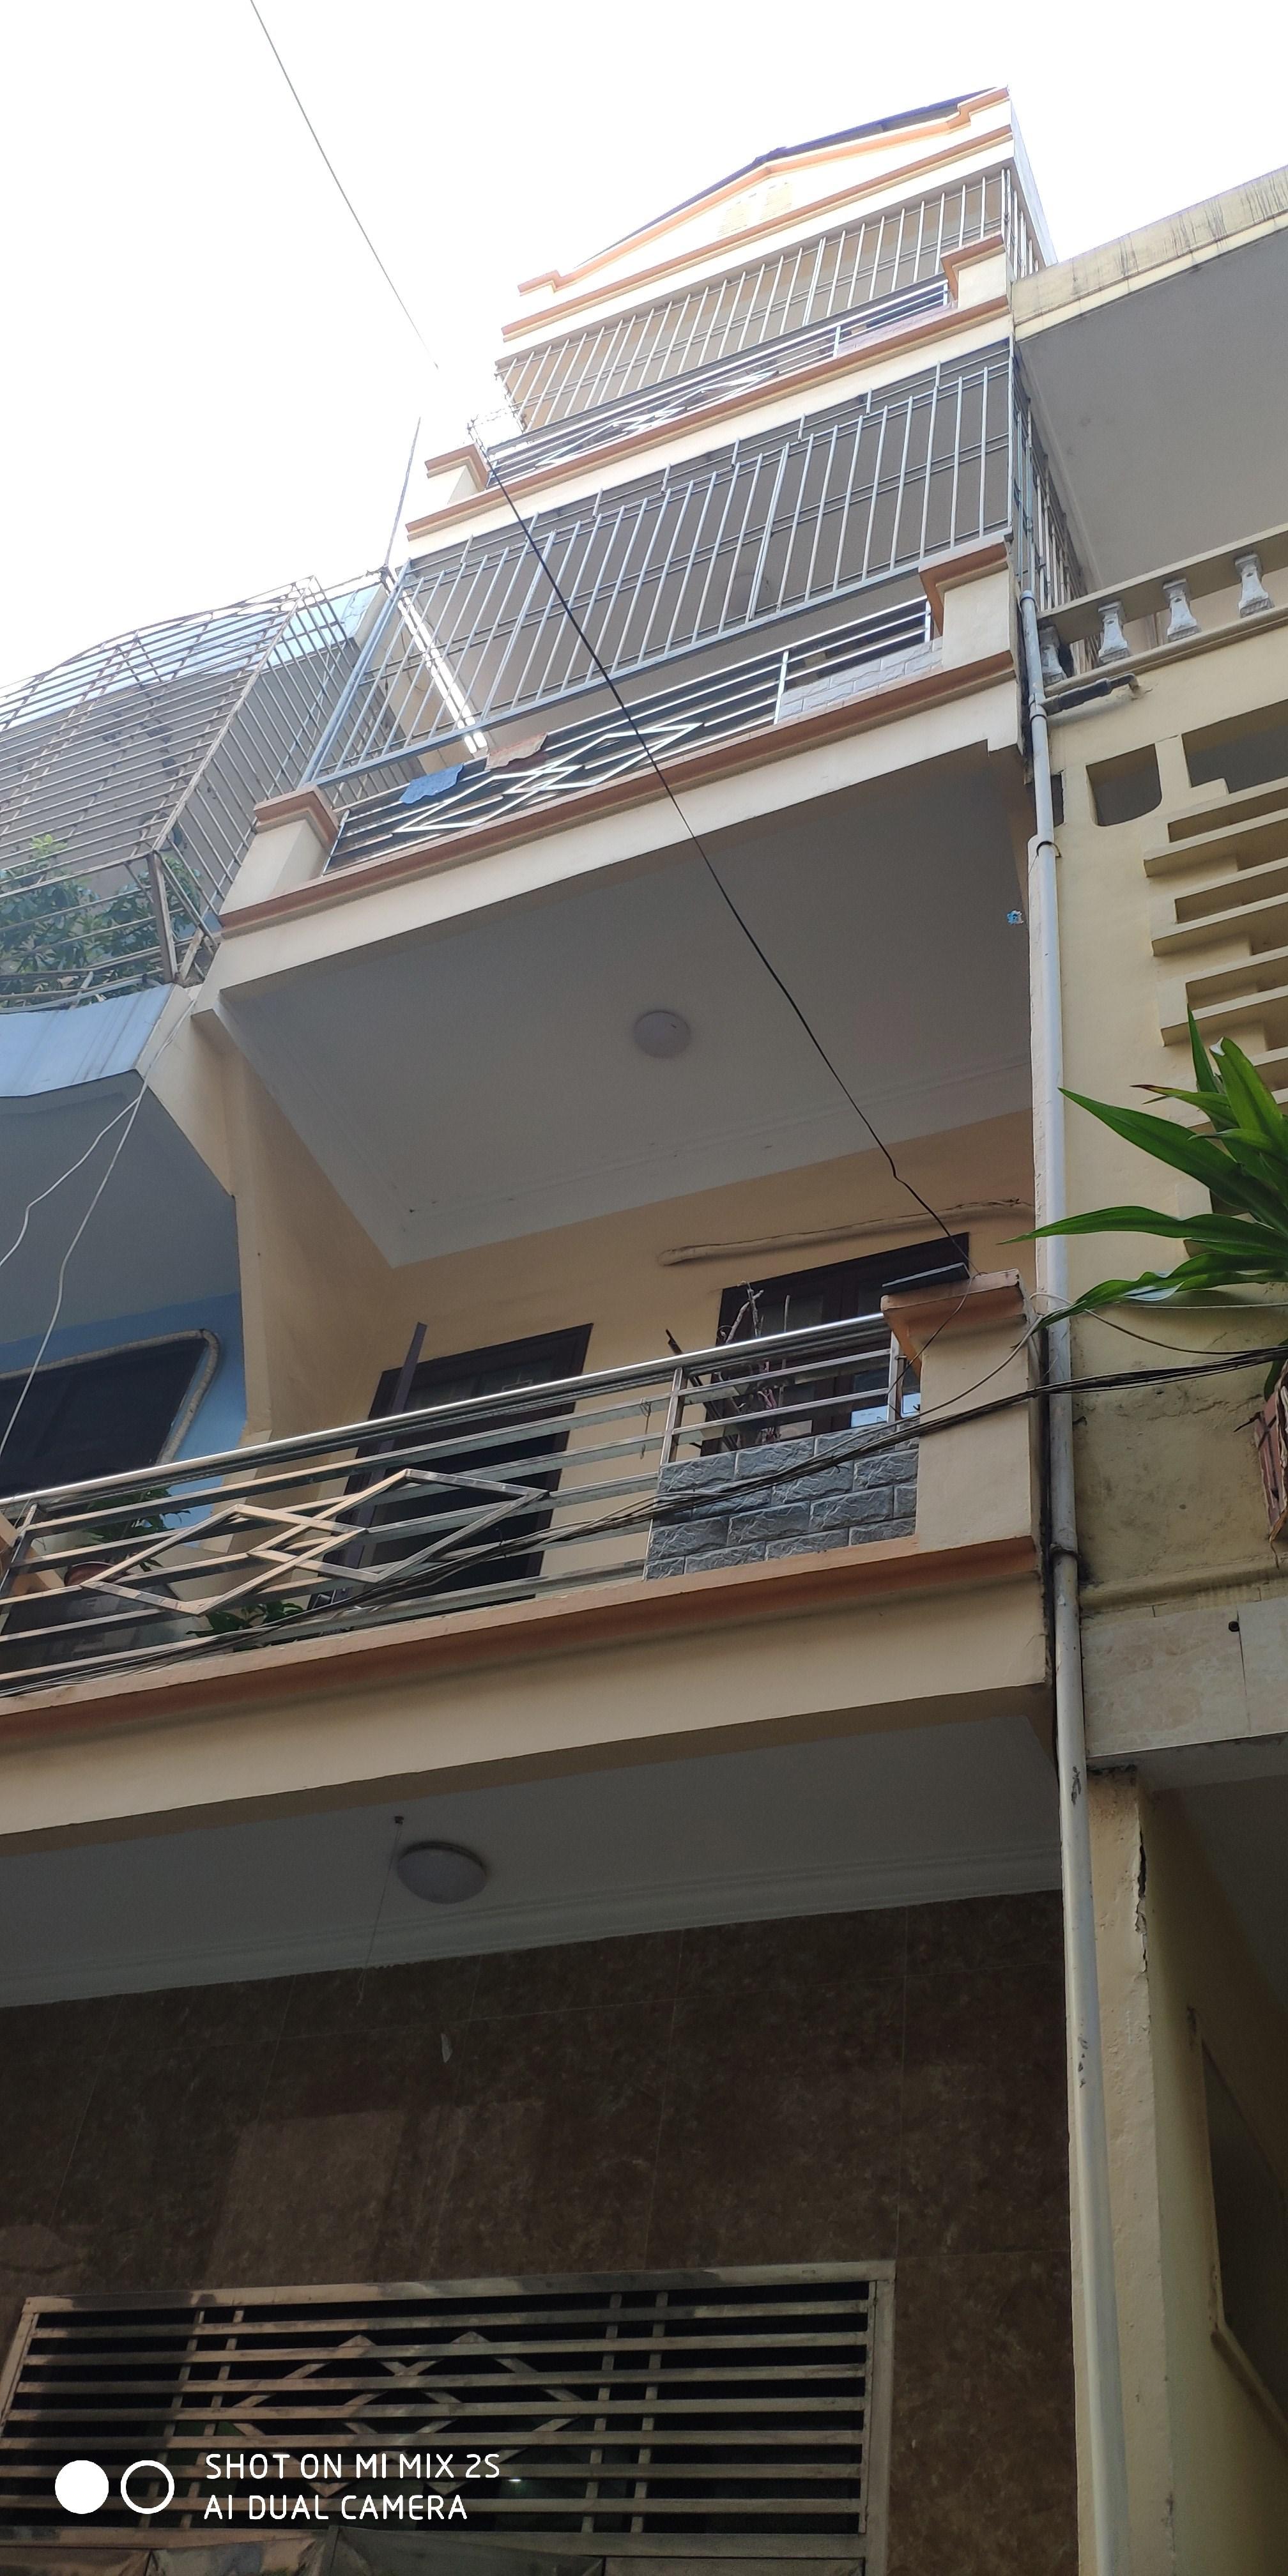 Cần bán nhà Ngô quyền hà đông 4 tầng xây dựng 250m